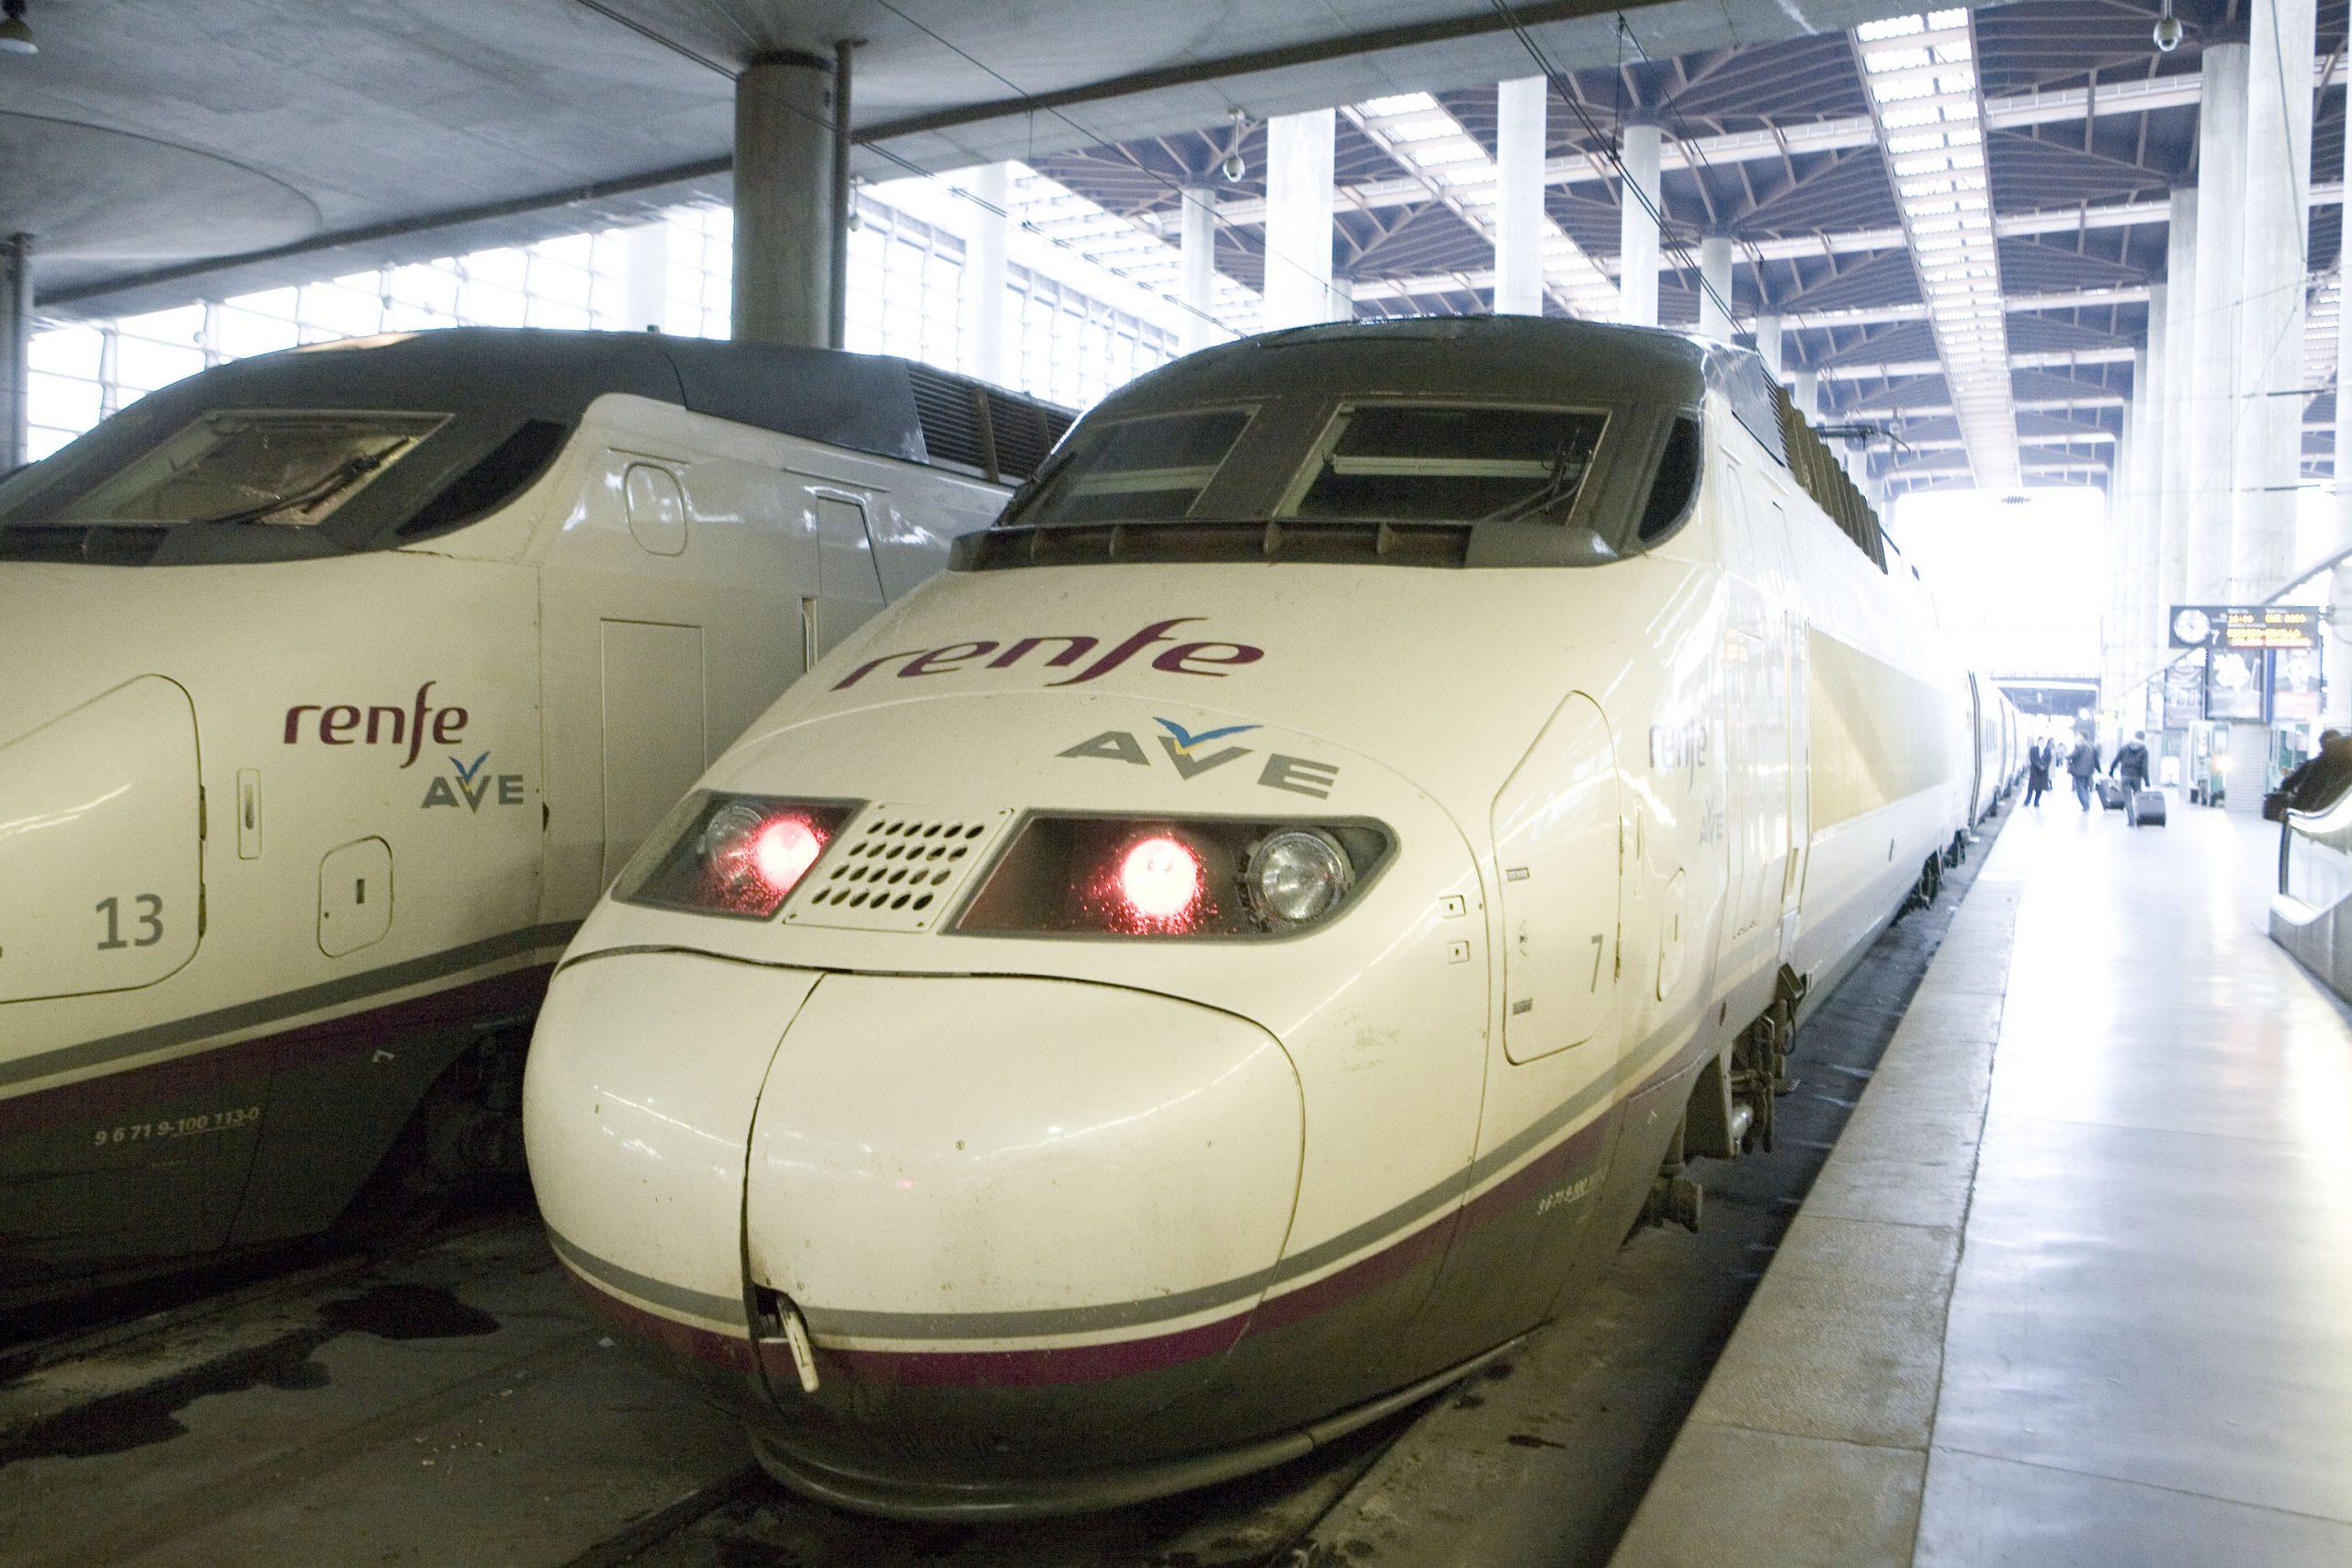 スペインの新幹線AVE